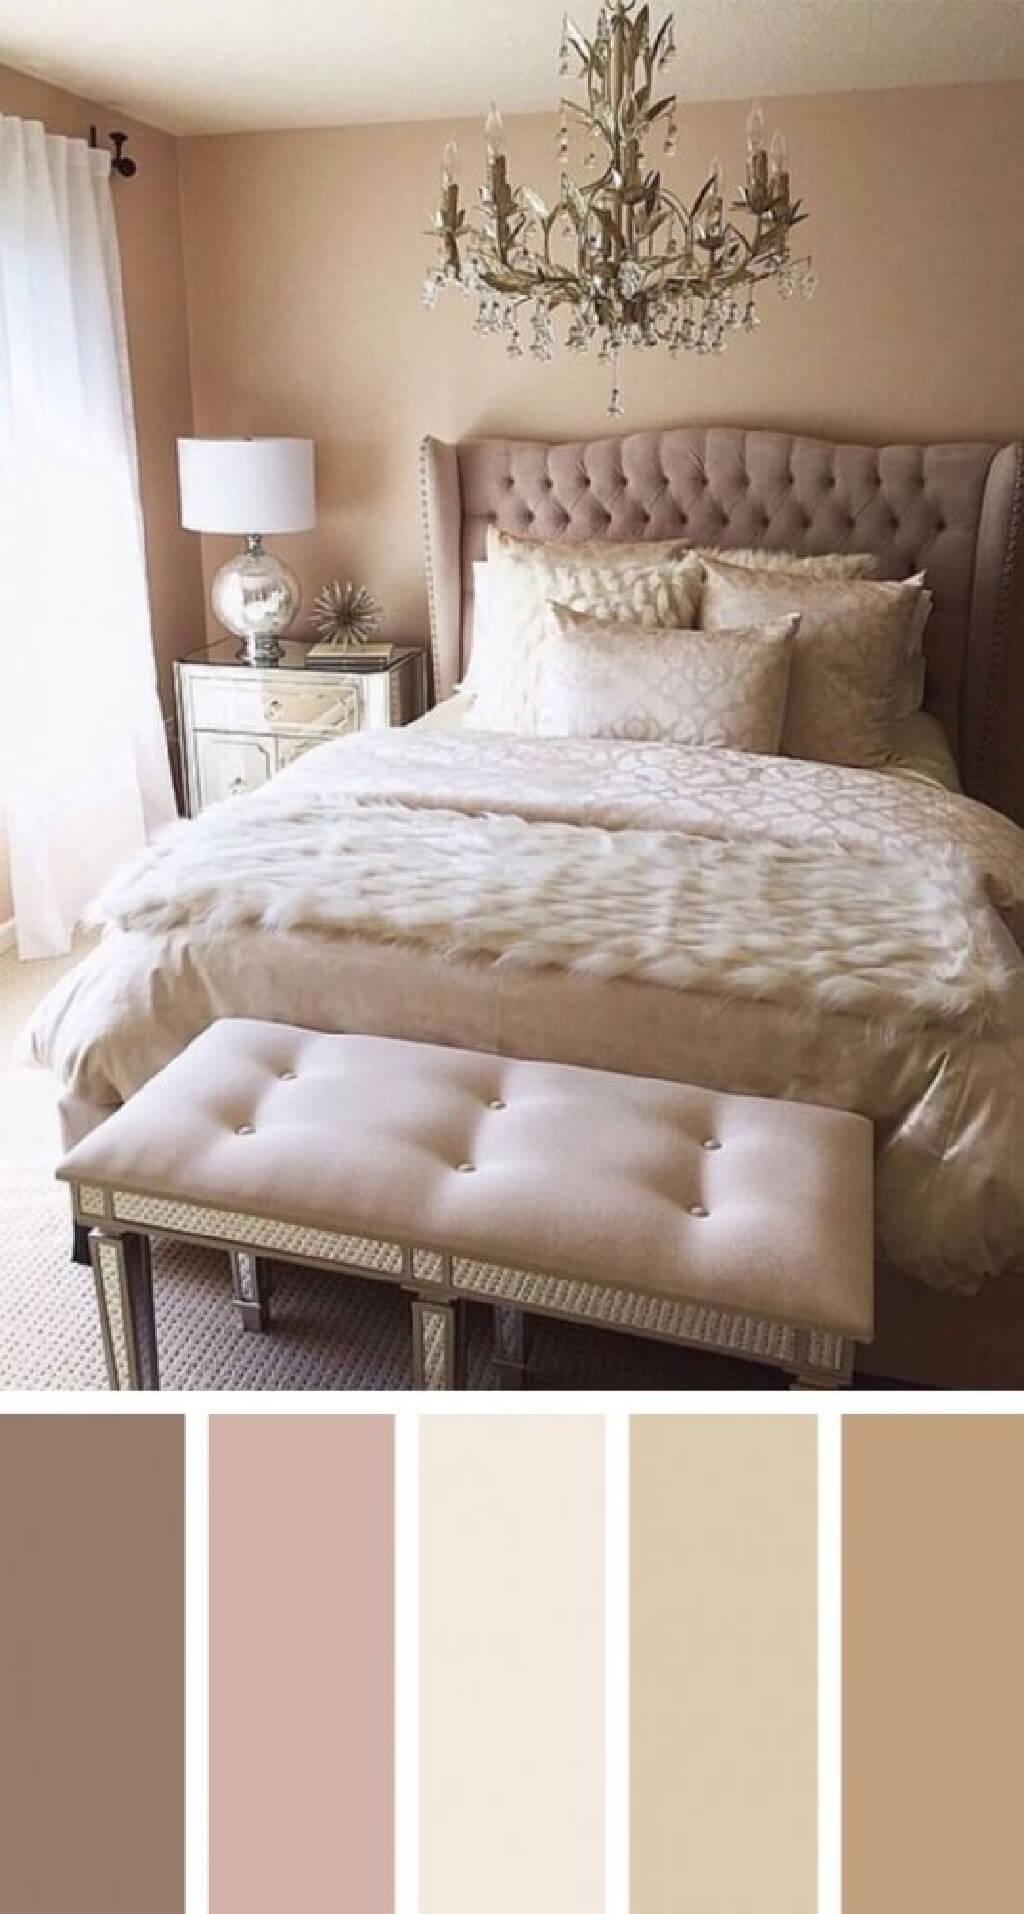 رنگ حرفه ای برای یک اتاق خواب مدرن و متفاوت